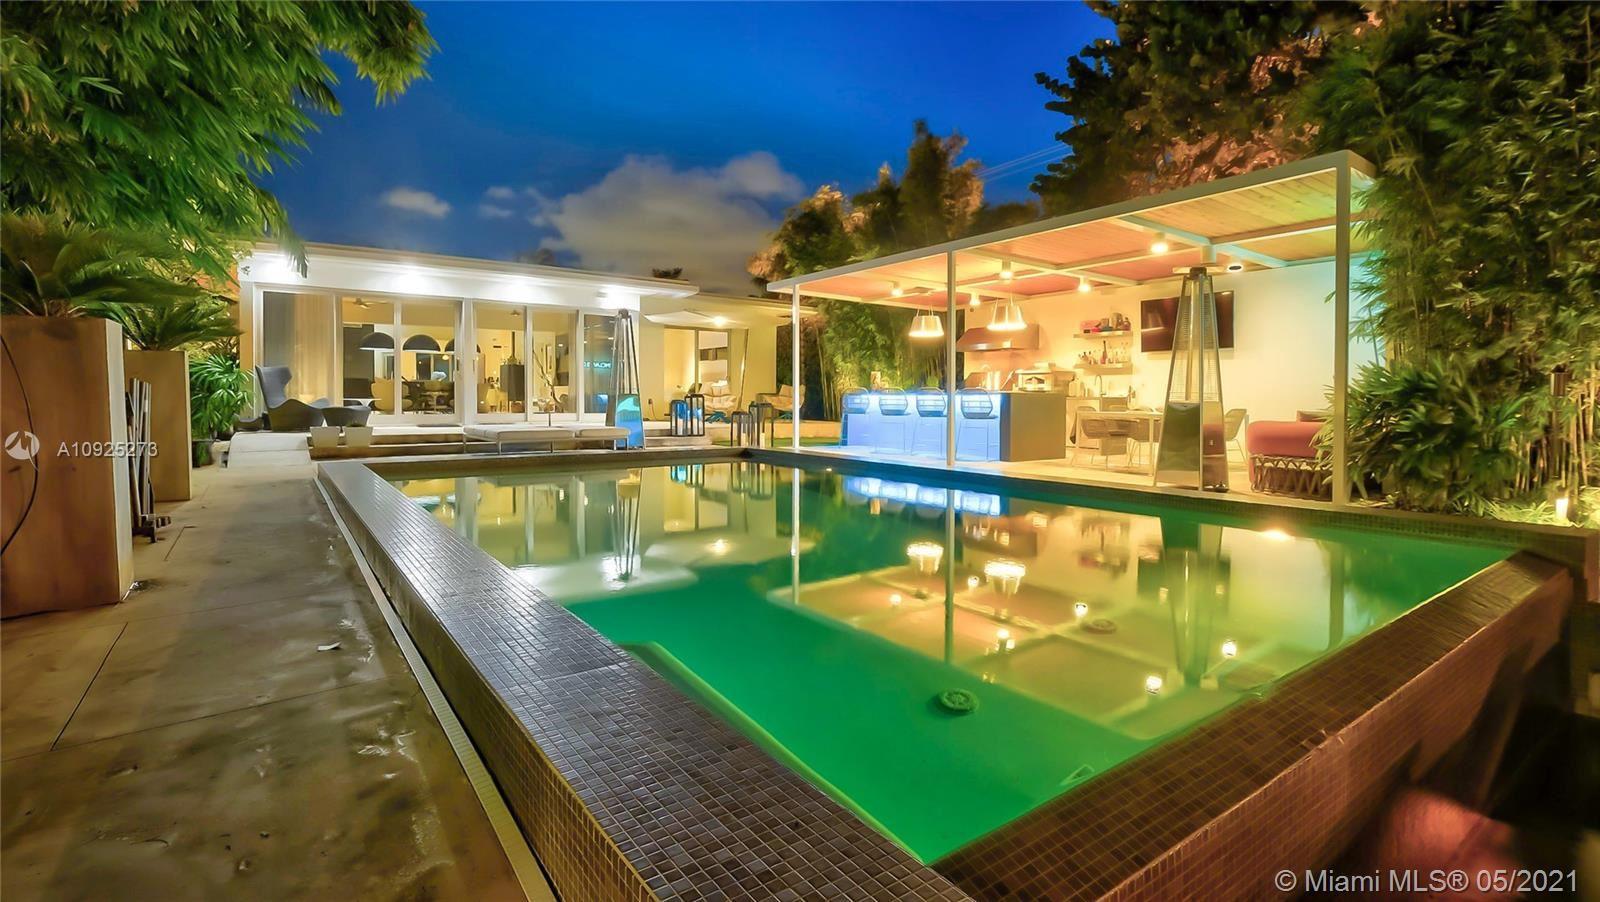 425 E Di Lido Dr, Miami Beach, FL 33139 - #: A10925273